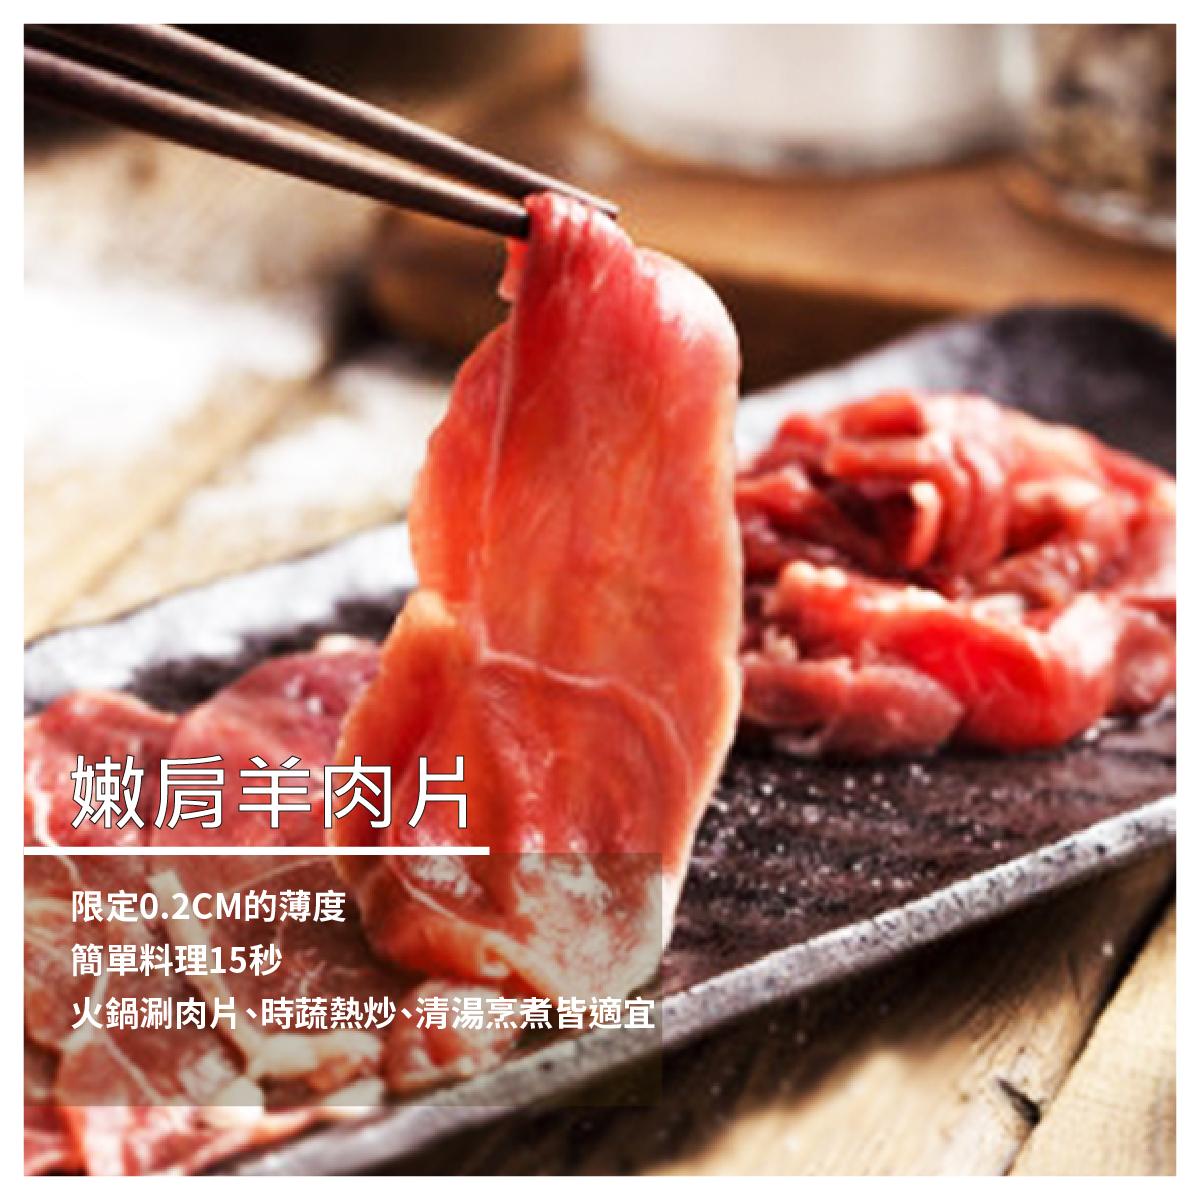 【豐園羊牧場】嫩肩羊肉片/200g